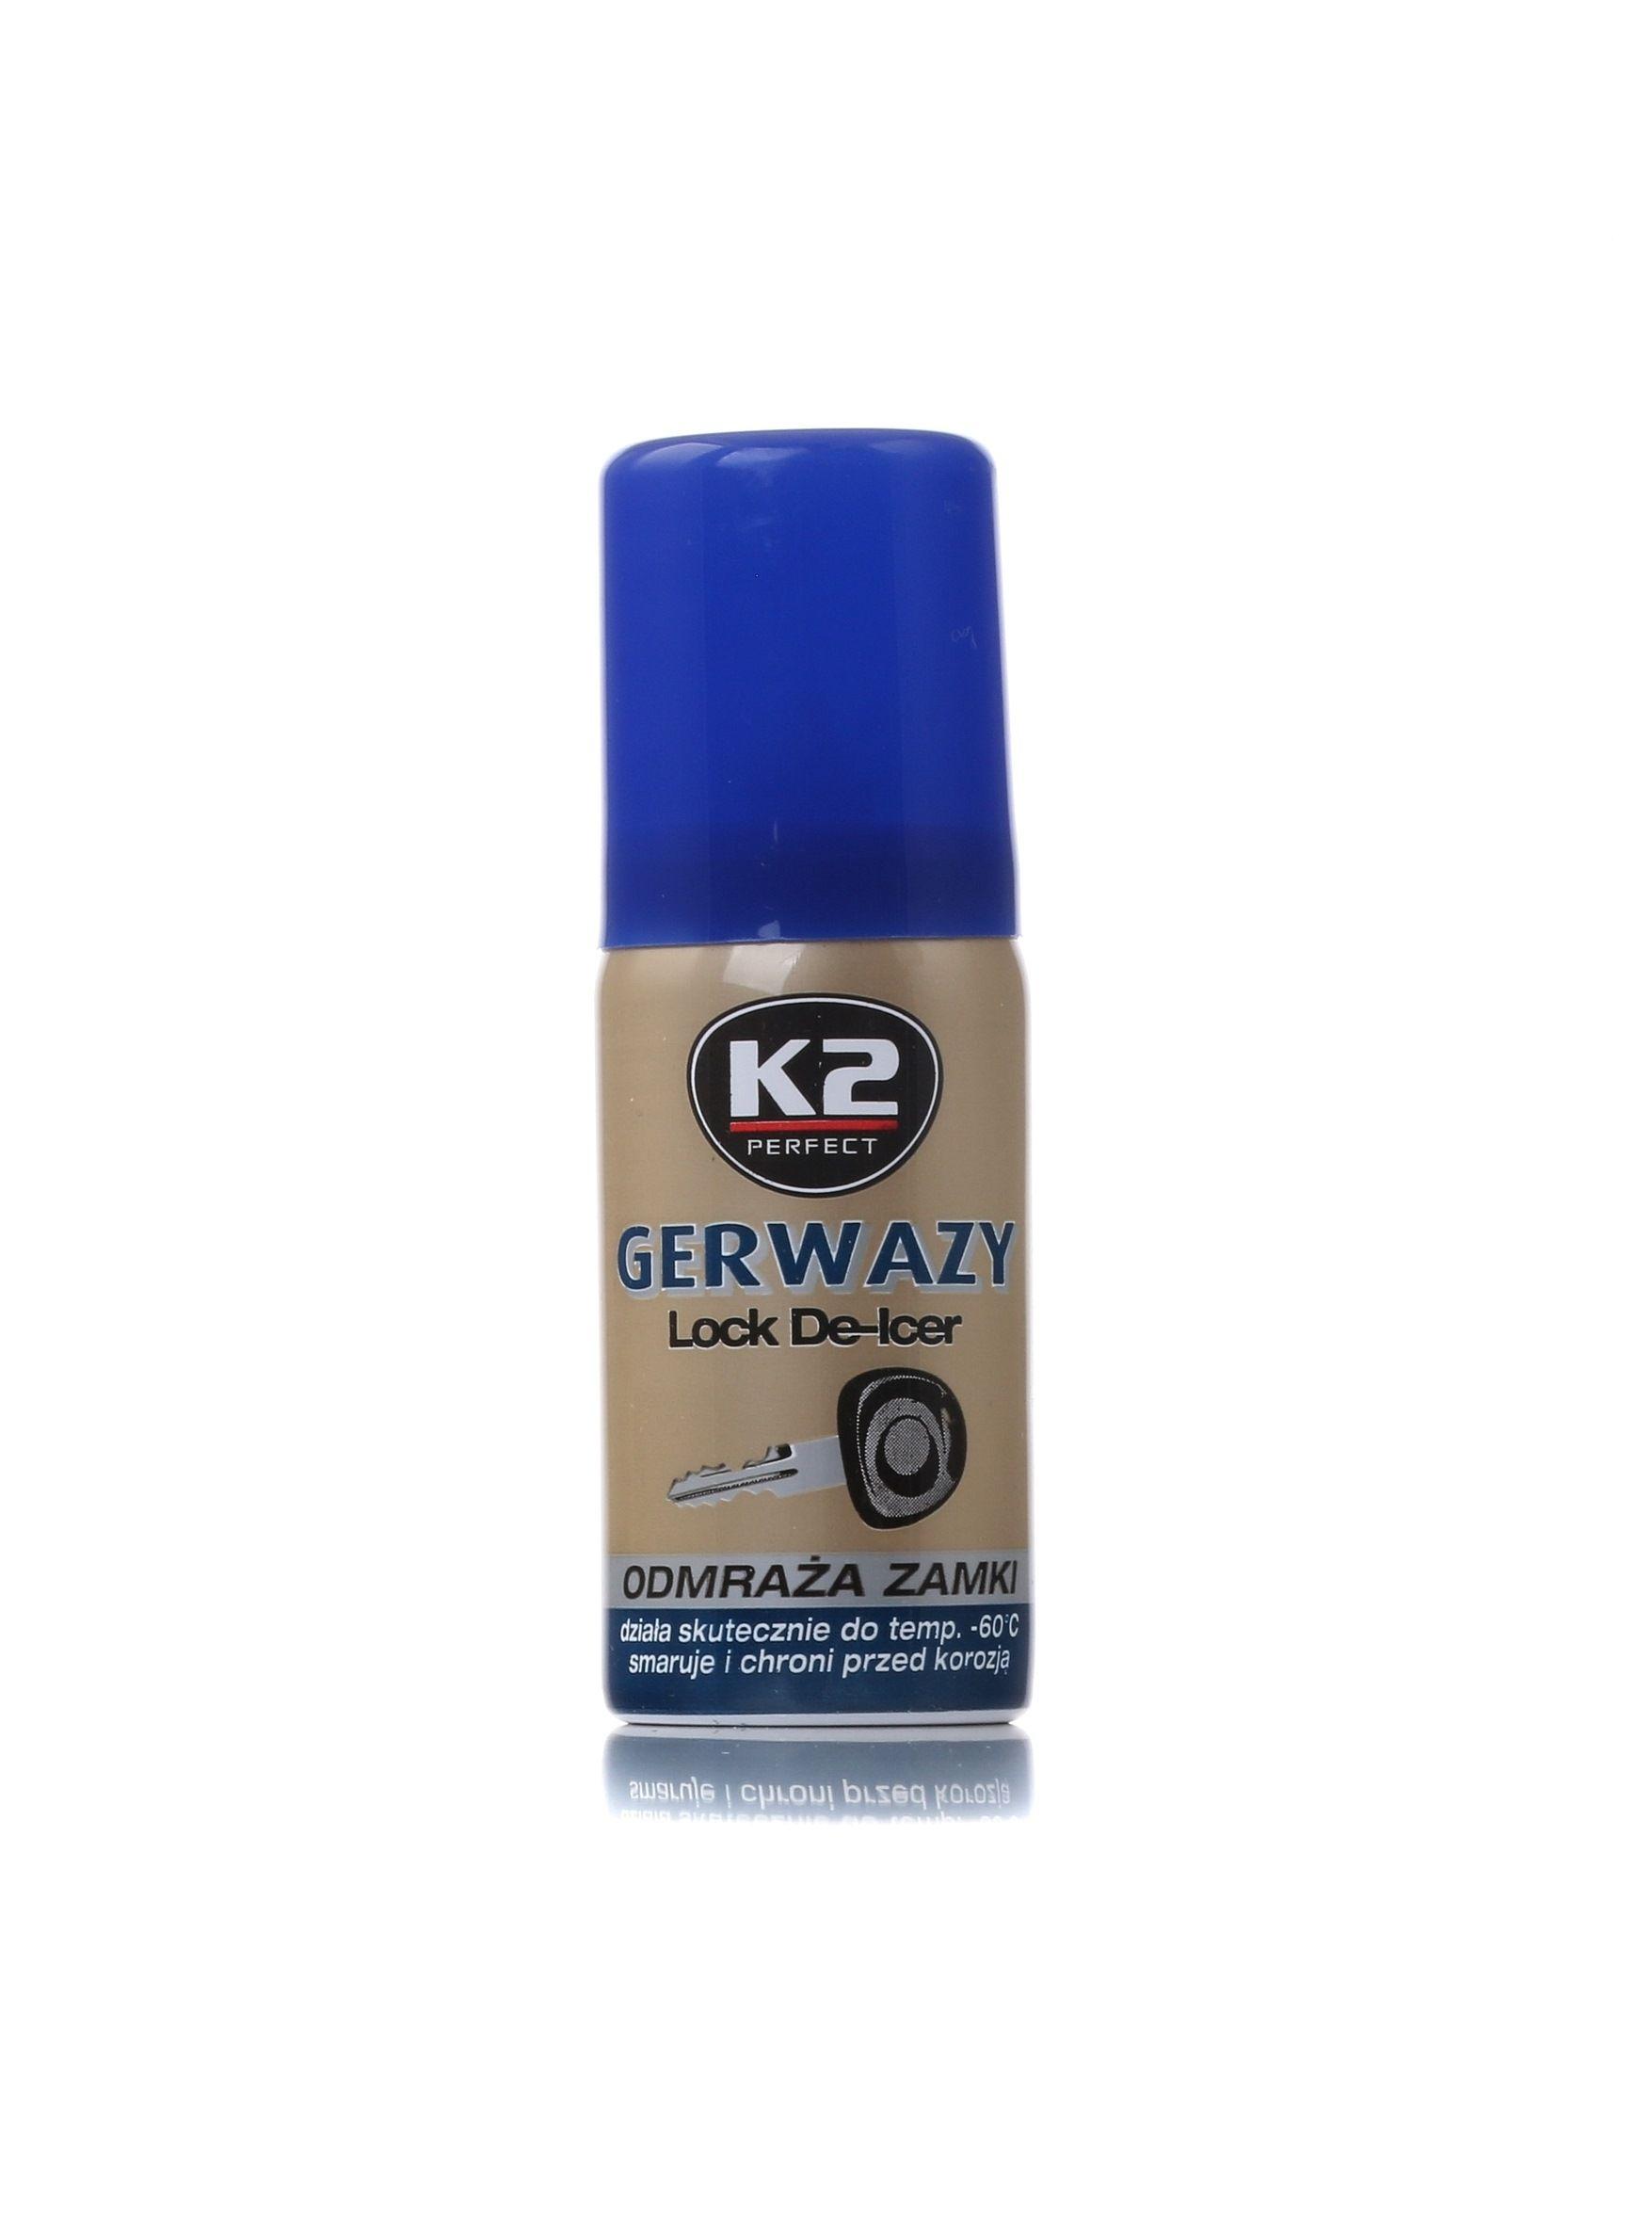 Enteiser-Spray K2 K656 Bewertung